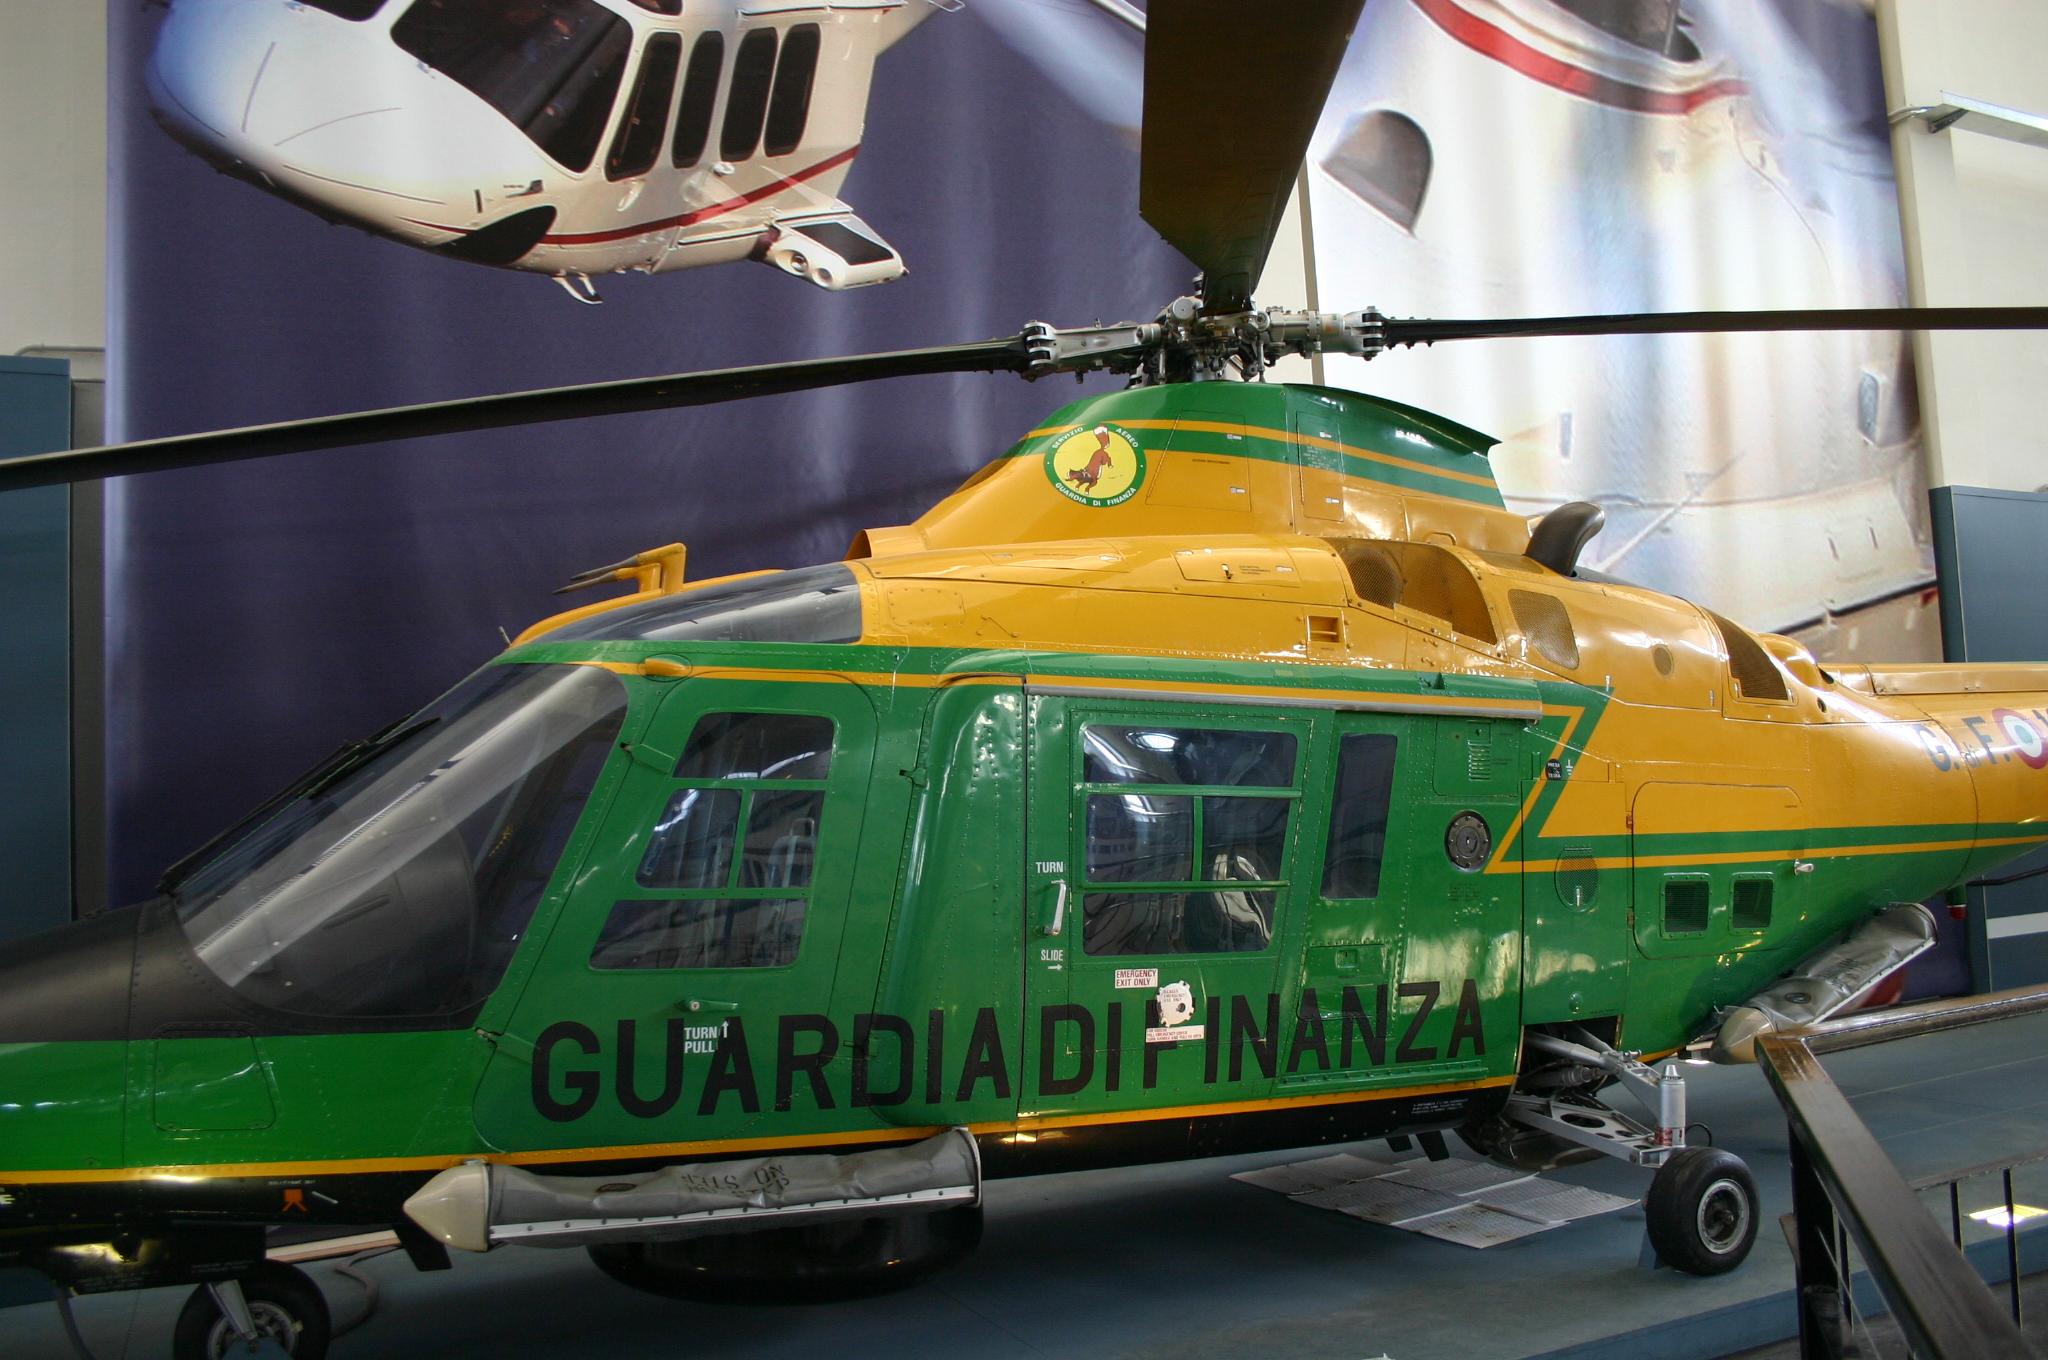 Elicottero Milano : File:9976 milano museo scienza elicottero augusta a 109 1985